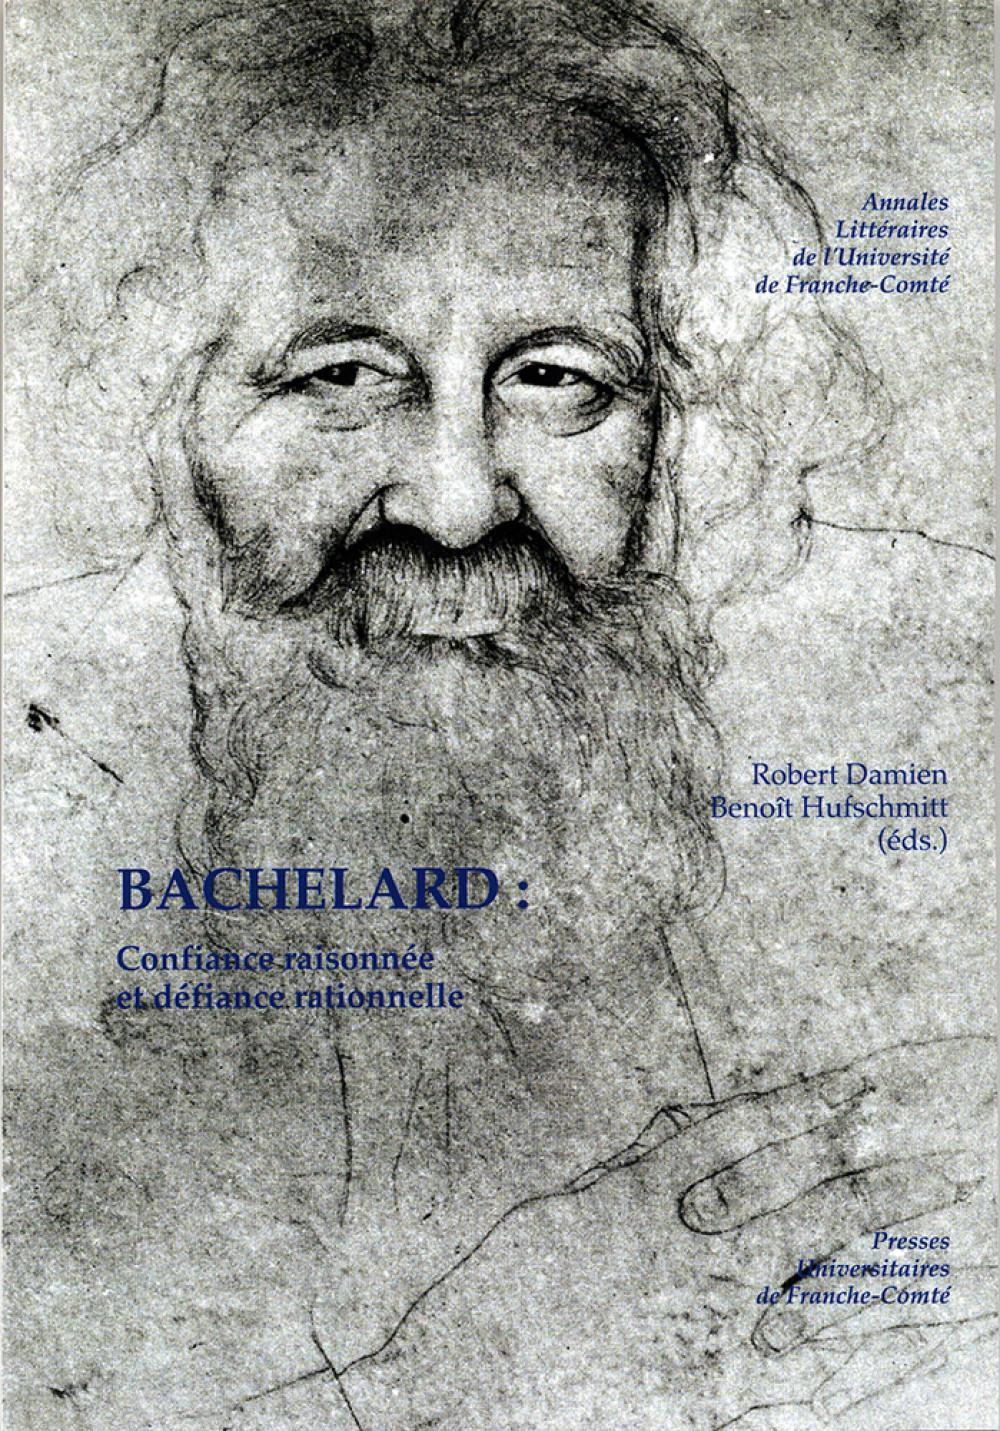 Bachelard : Confiance raisonnée et défiance rationnelle